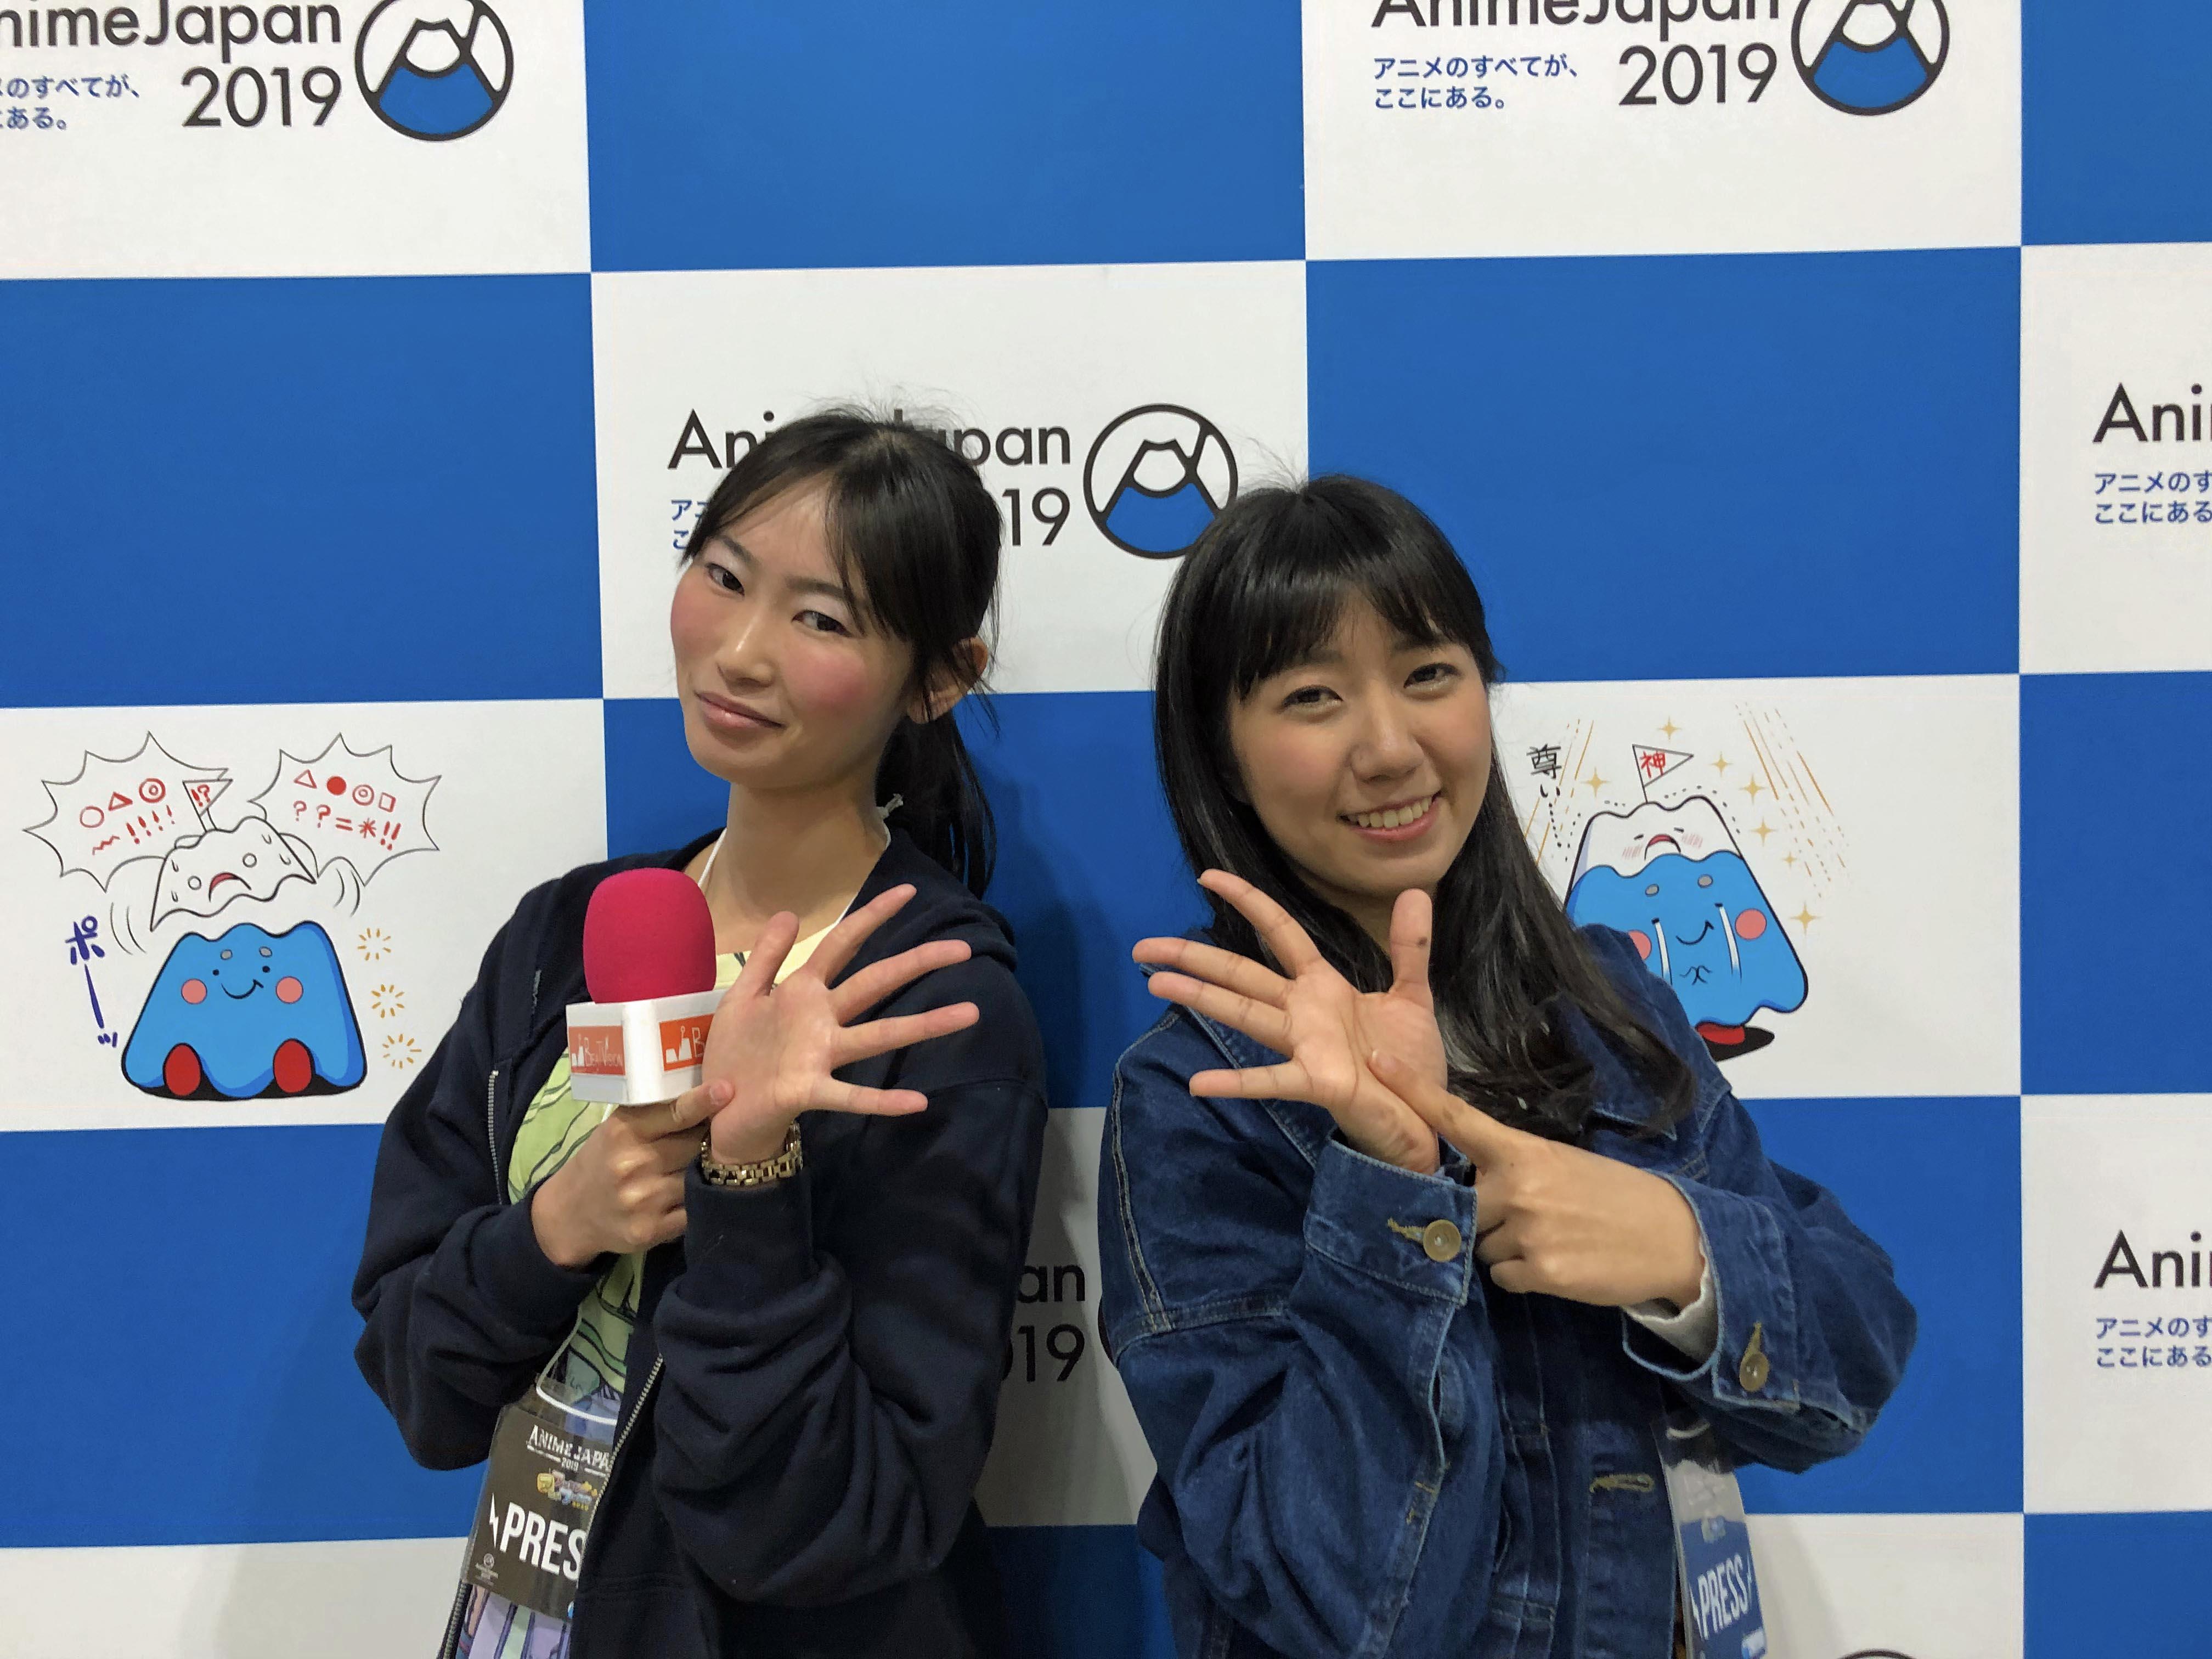 2019年3月 AnimeJapan 2019